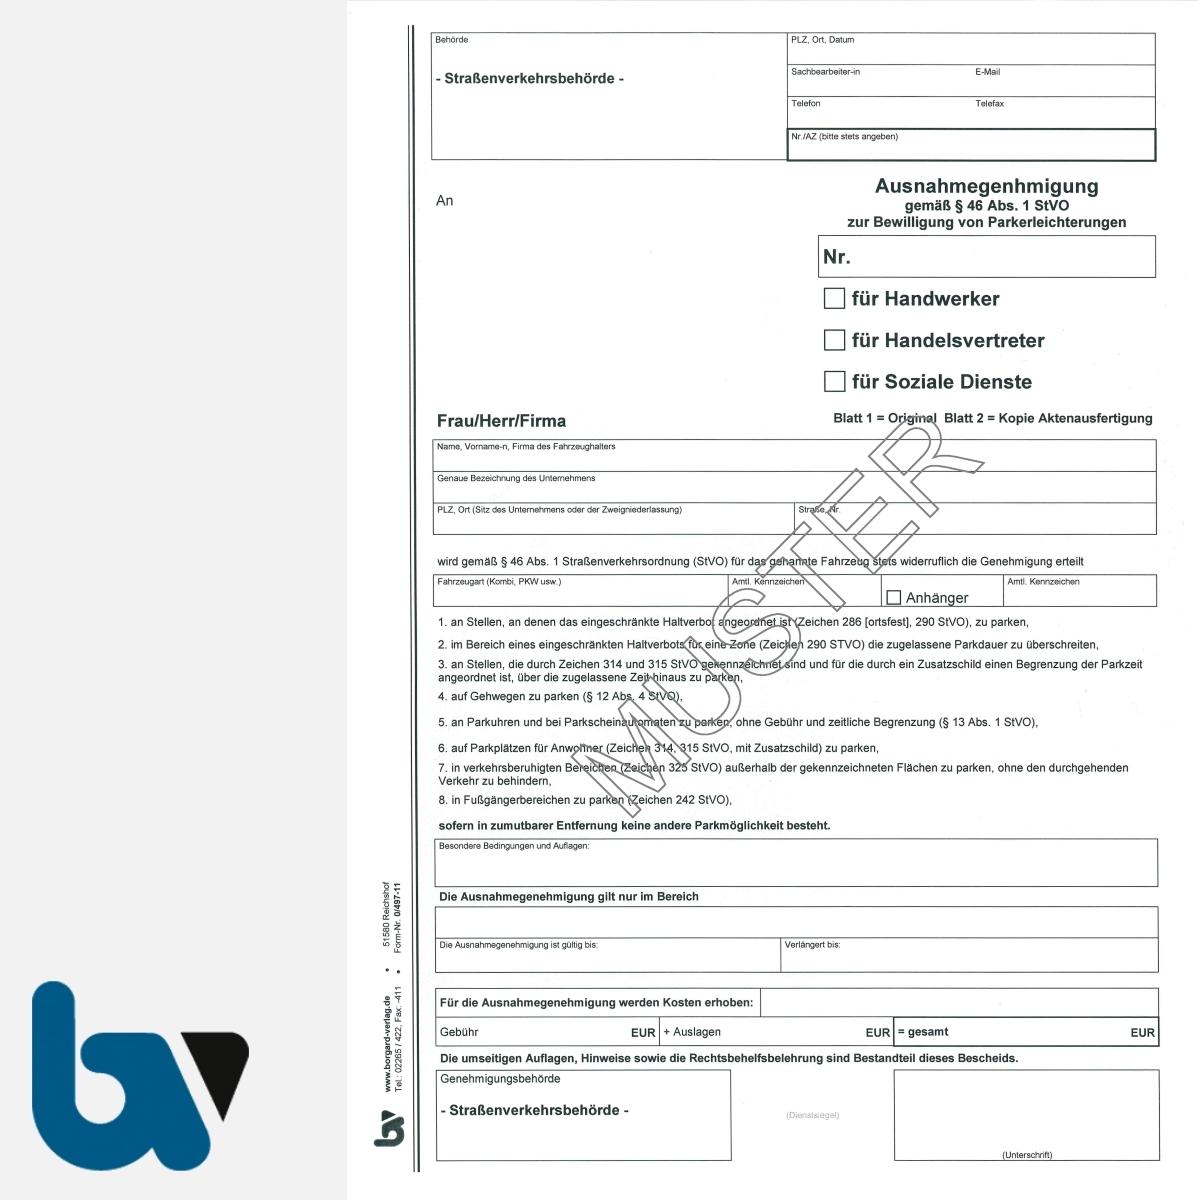 0/497-11 Ausnahmegenehmigung 46 Straßenverkehrsordnung StVO Bewilligung Parkerleichterung Handwerker Handelsvertreter soziale Dienste DIN A4 2-fach VS | Borgard Verlag GmbH